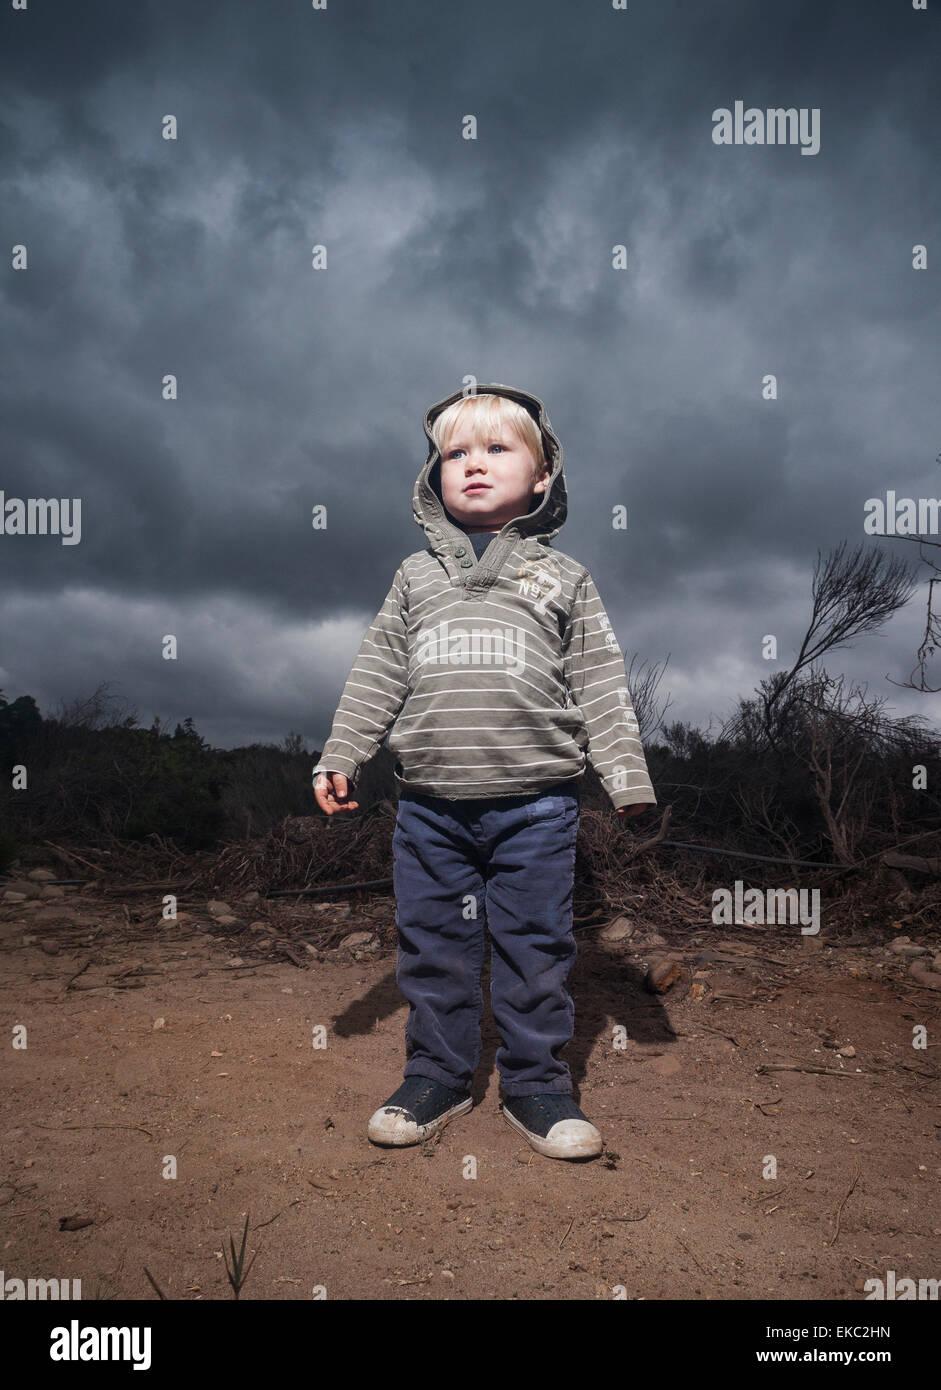 Joven de pie contra el cielo tormentoso Imagen De Stock